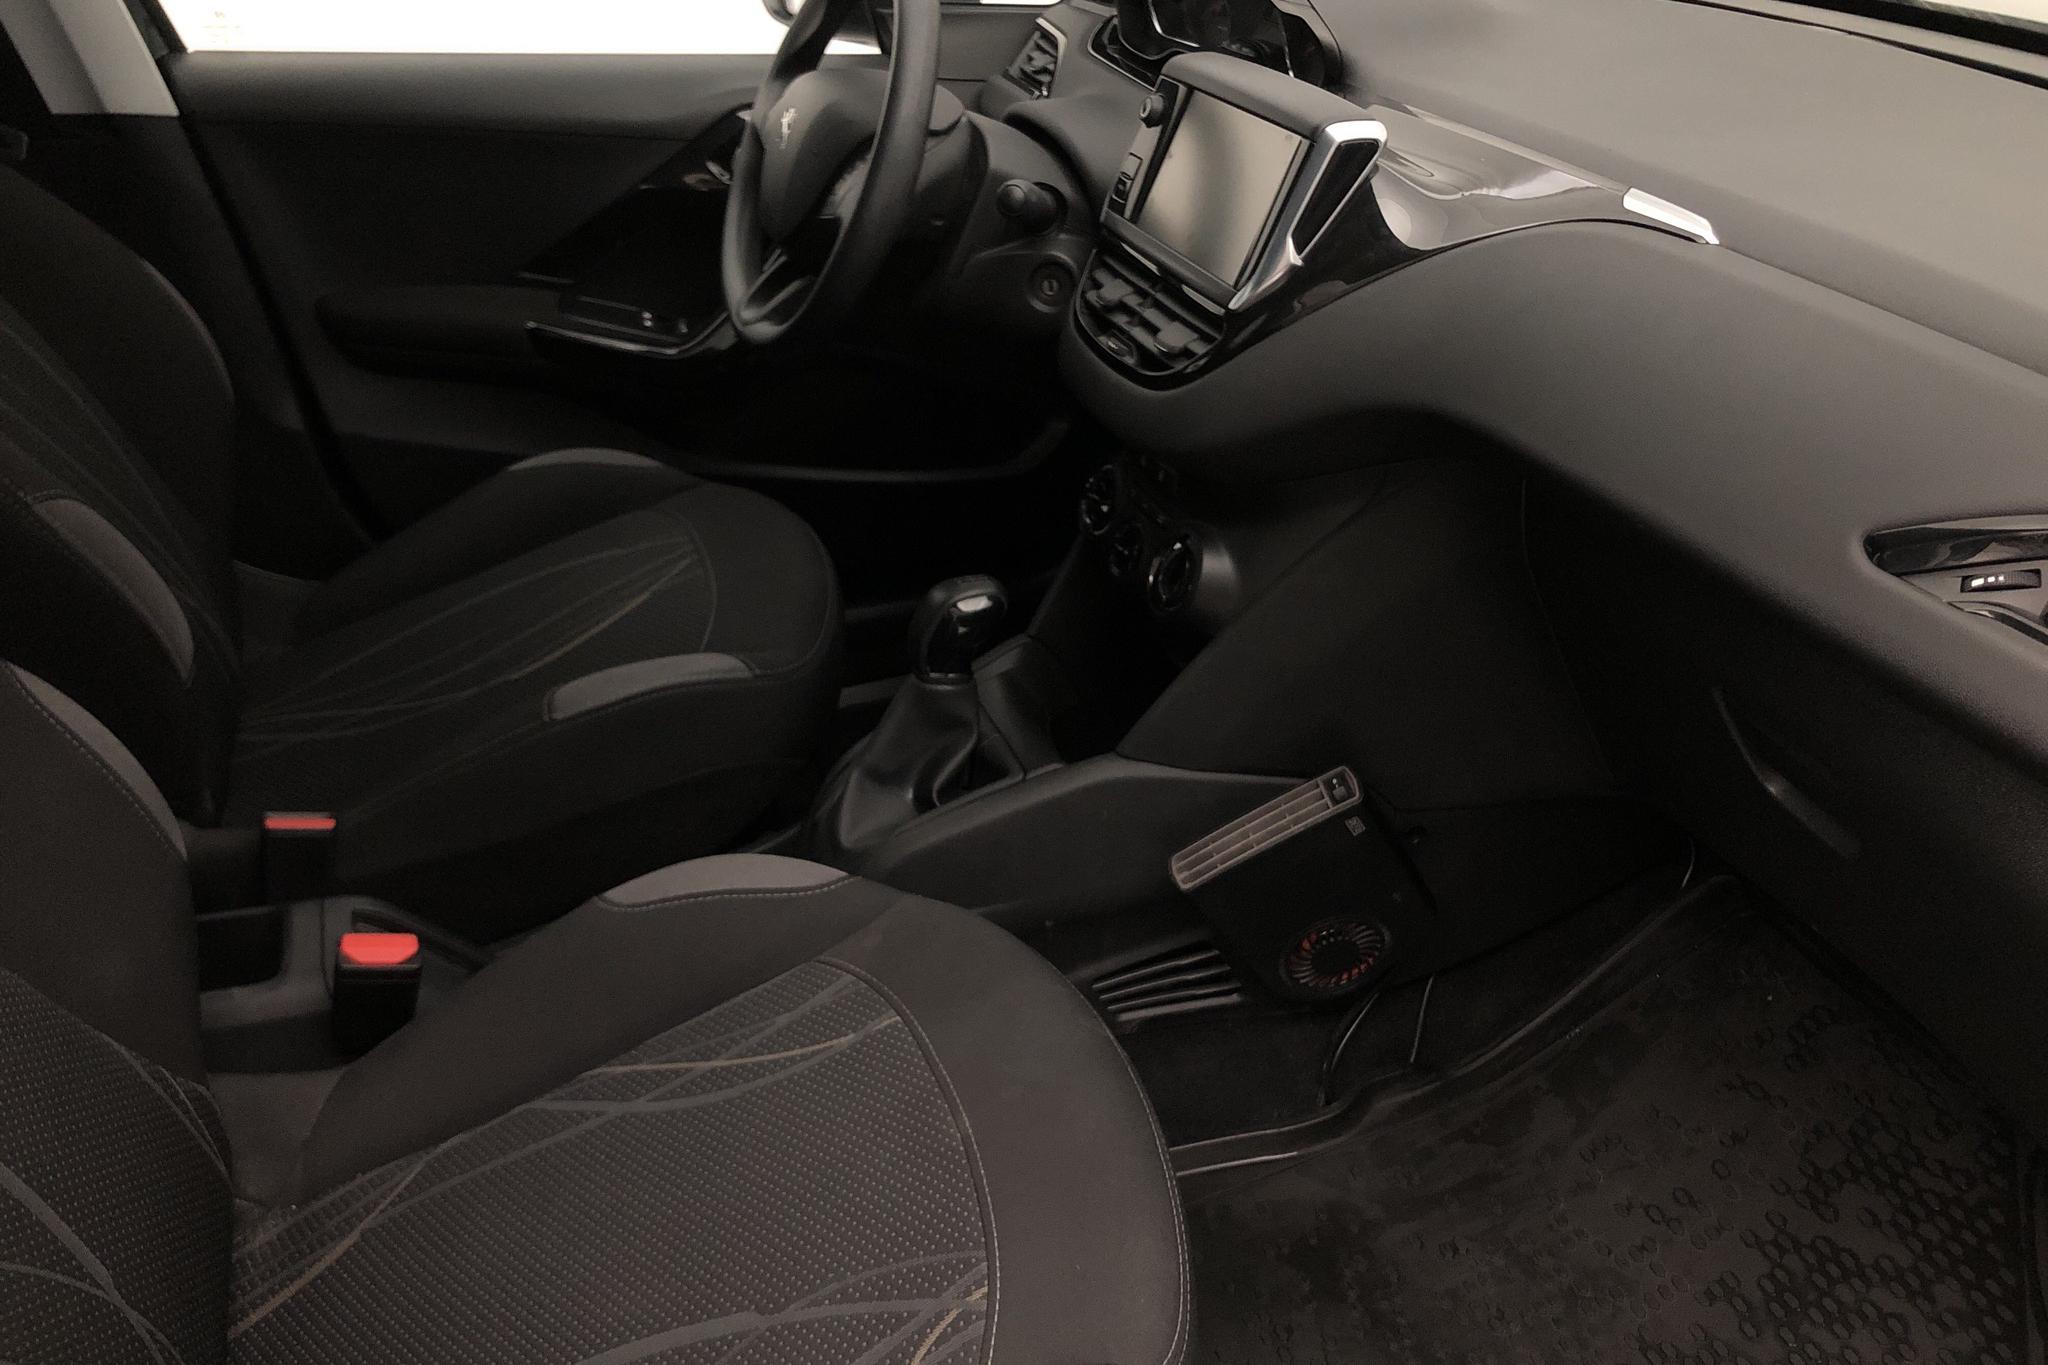 Peugeot 208 1.2 VTi 5dr (82hk) - 38 000 km - Manual - black - 2015